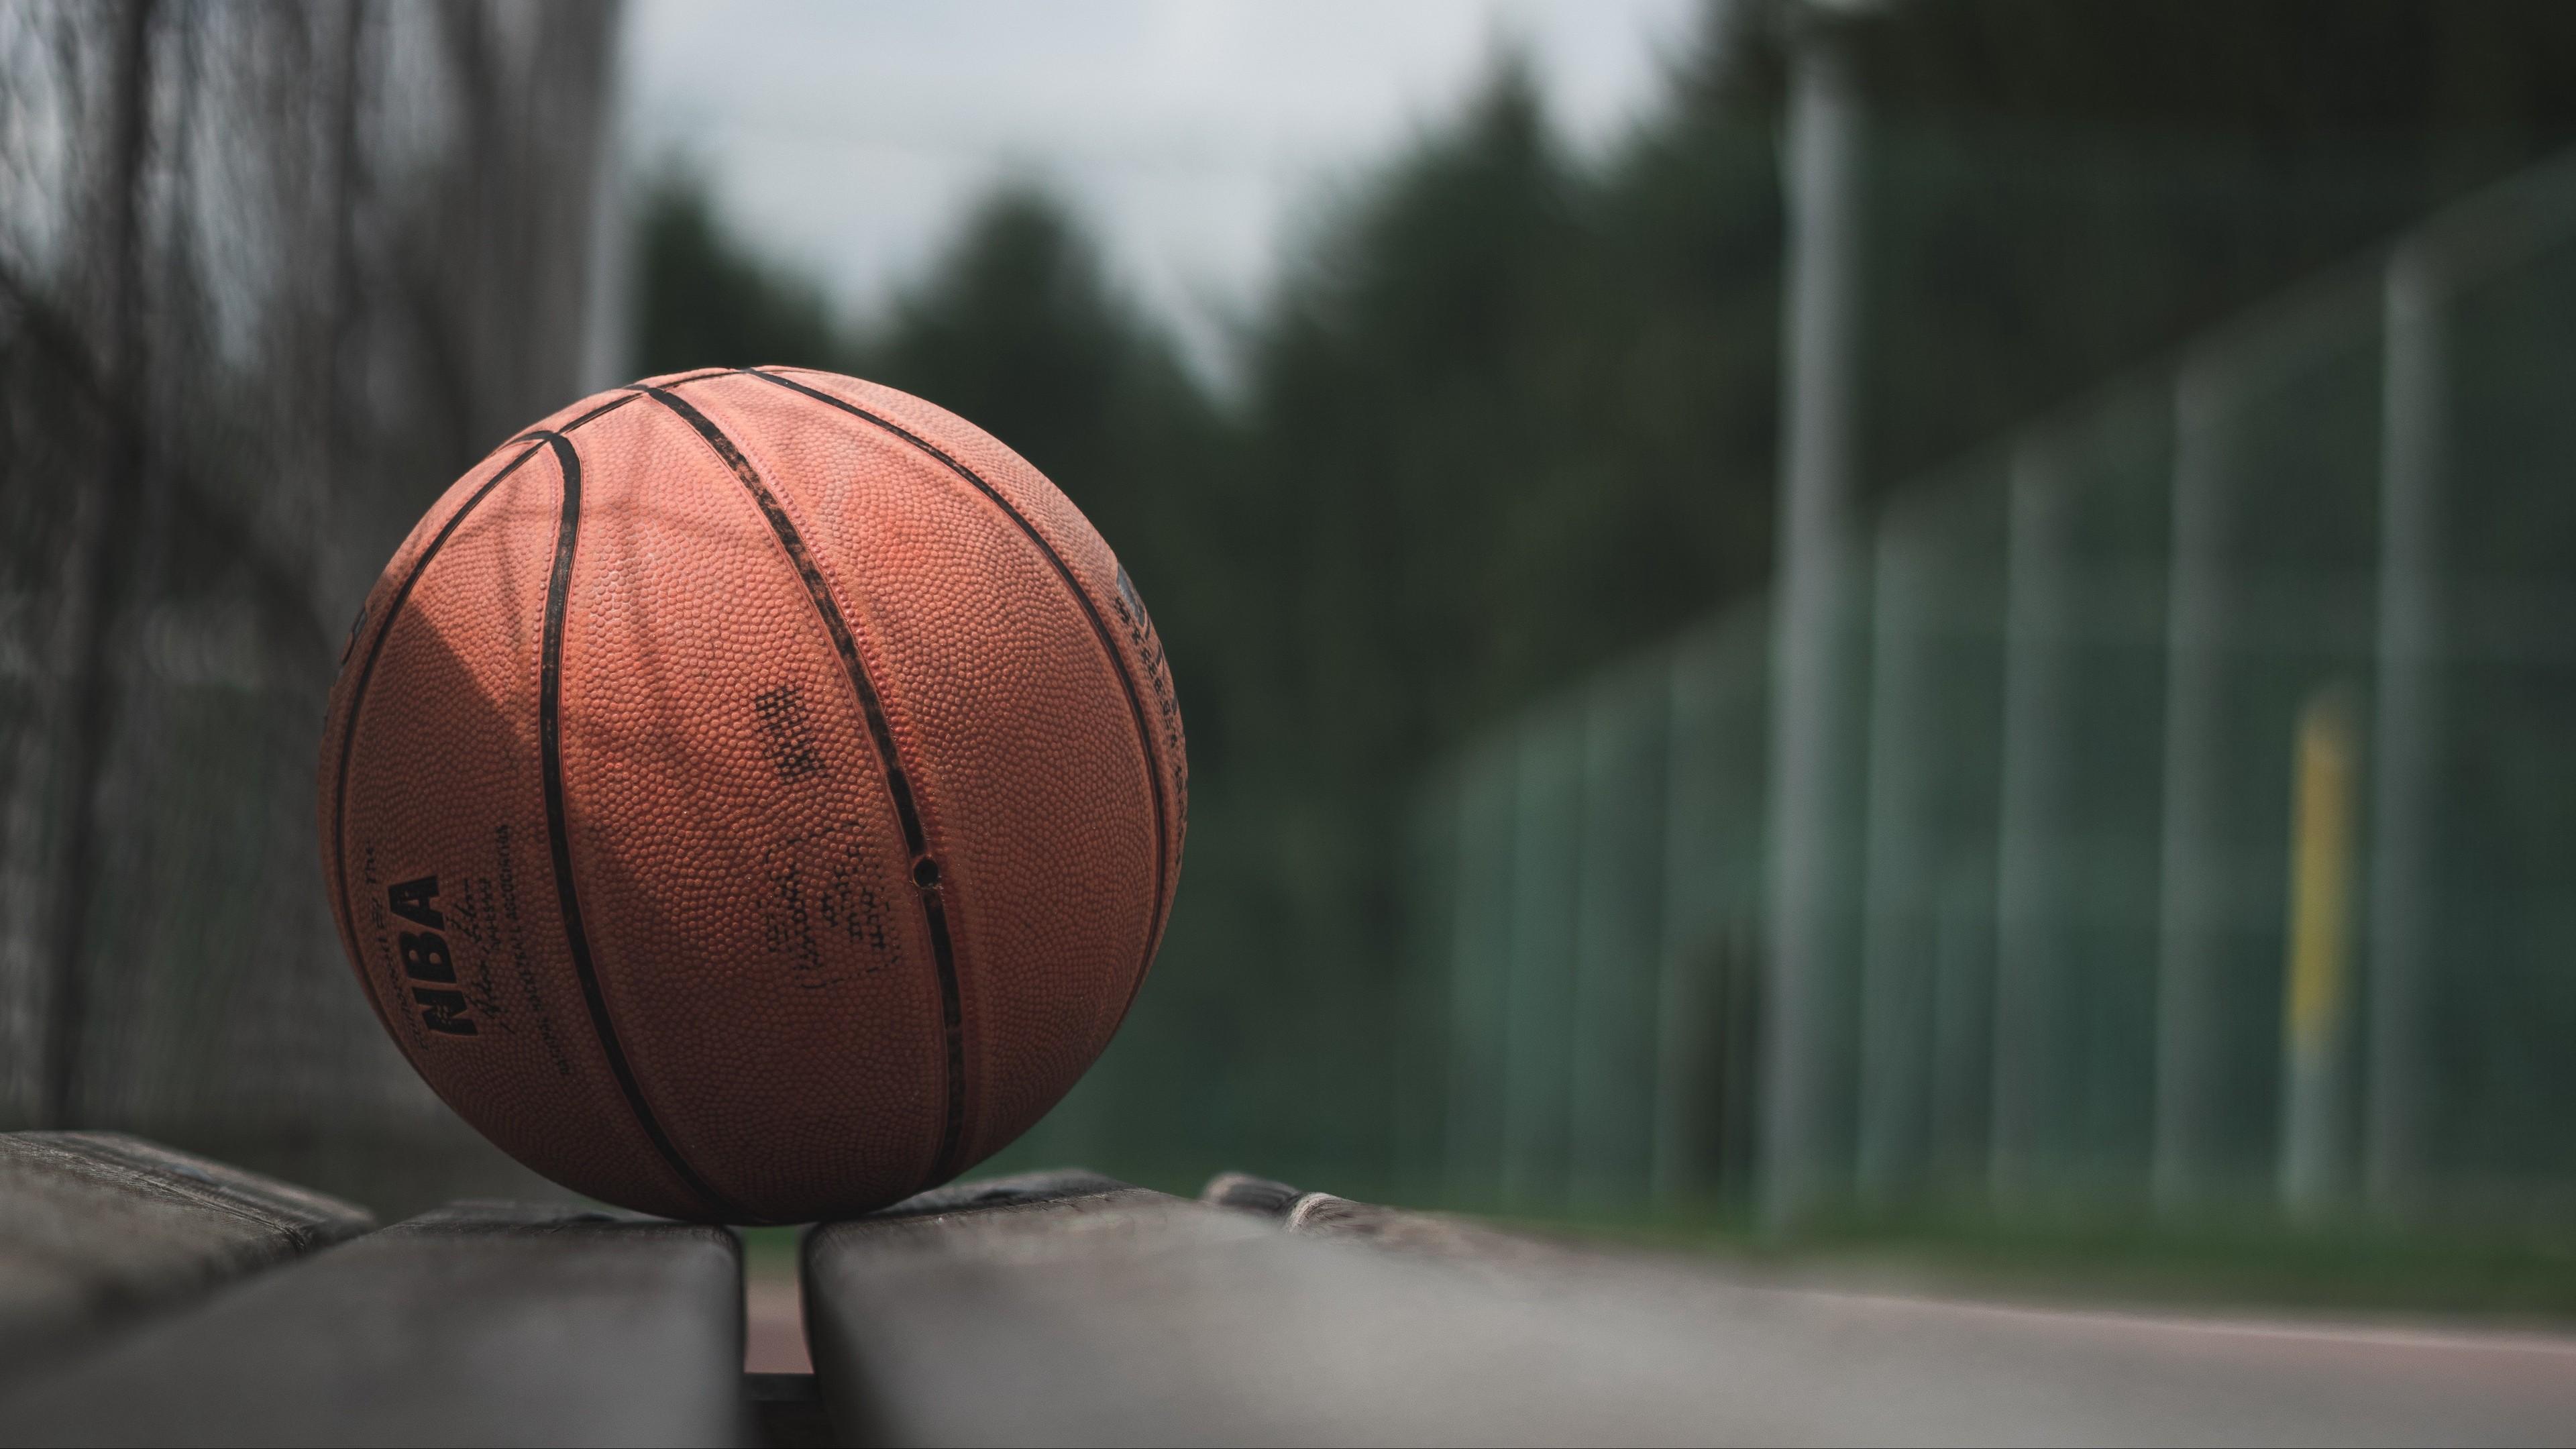 4k Ball Basketball Bench Wallpaper 3840x2160